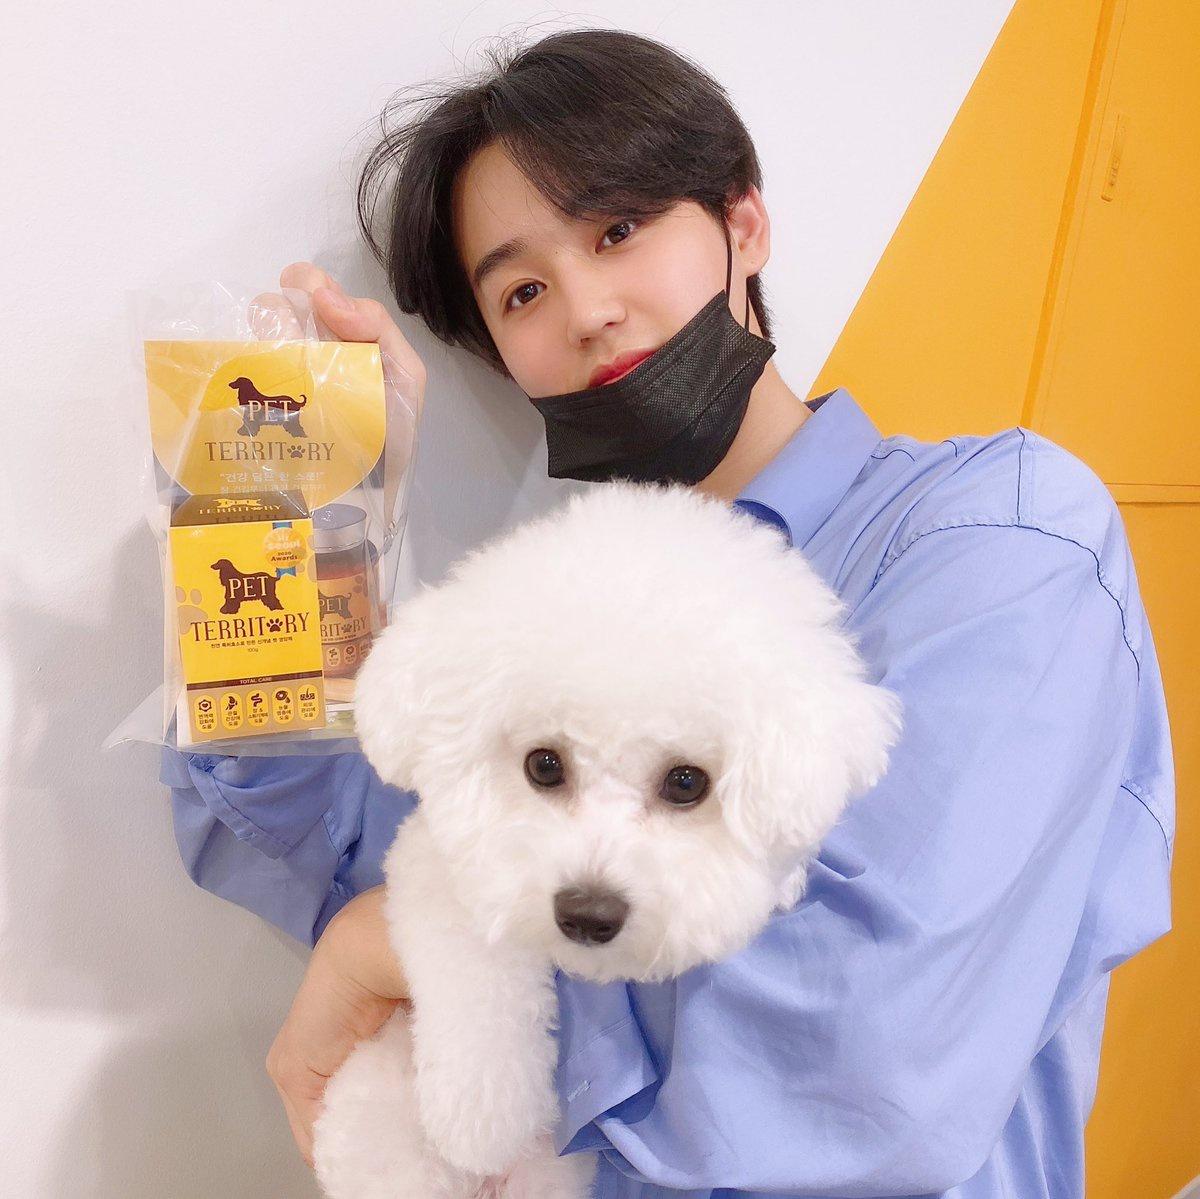 {TRAD} 200809 Twitter [SEOKJIN] He ido a visitar la cafetería de hyung por el aniversario de ClickB!! La lleva Minhyuk sunbaenim y me ha dado un regalo para Genie~! Gracias!! Feliz 21 aniversario!! Visitadlo con N.CUS~_3